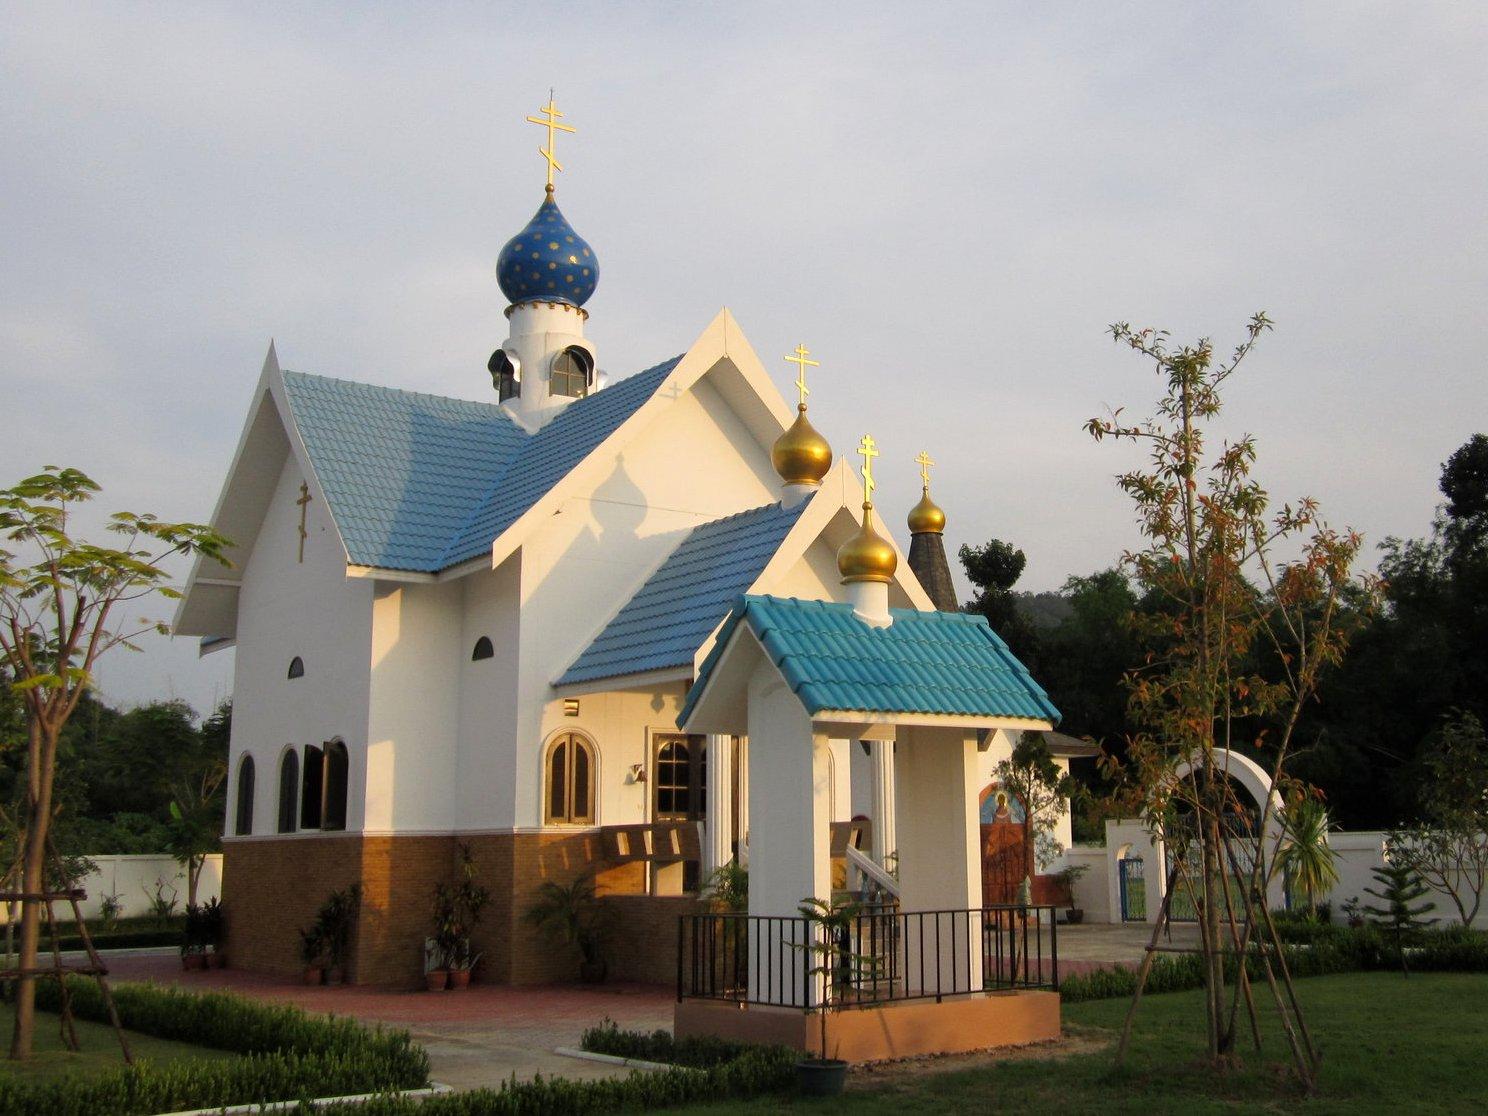 Погода новоукраинка кировоградской области на 10 дней